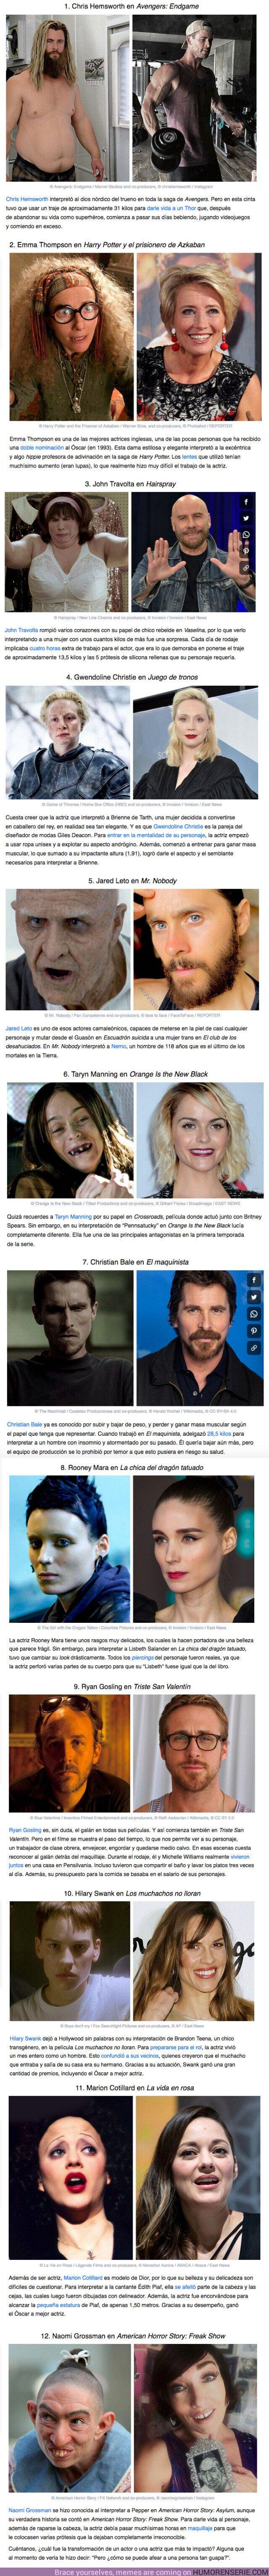 59016 - GALERÍA: 12 Actores que disimularon su belleza para interpretar a un personaje poco agraciado